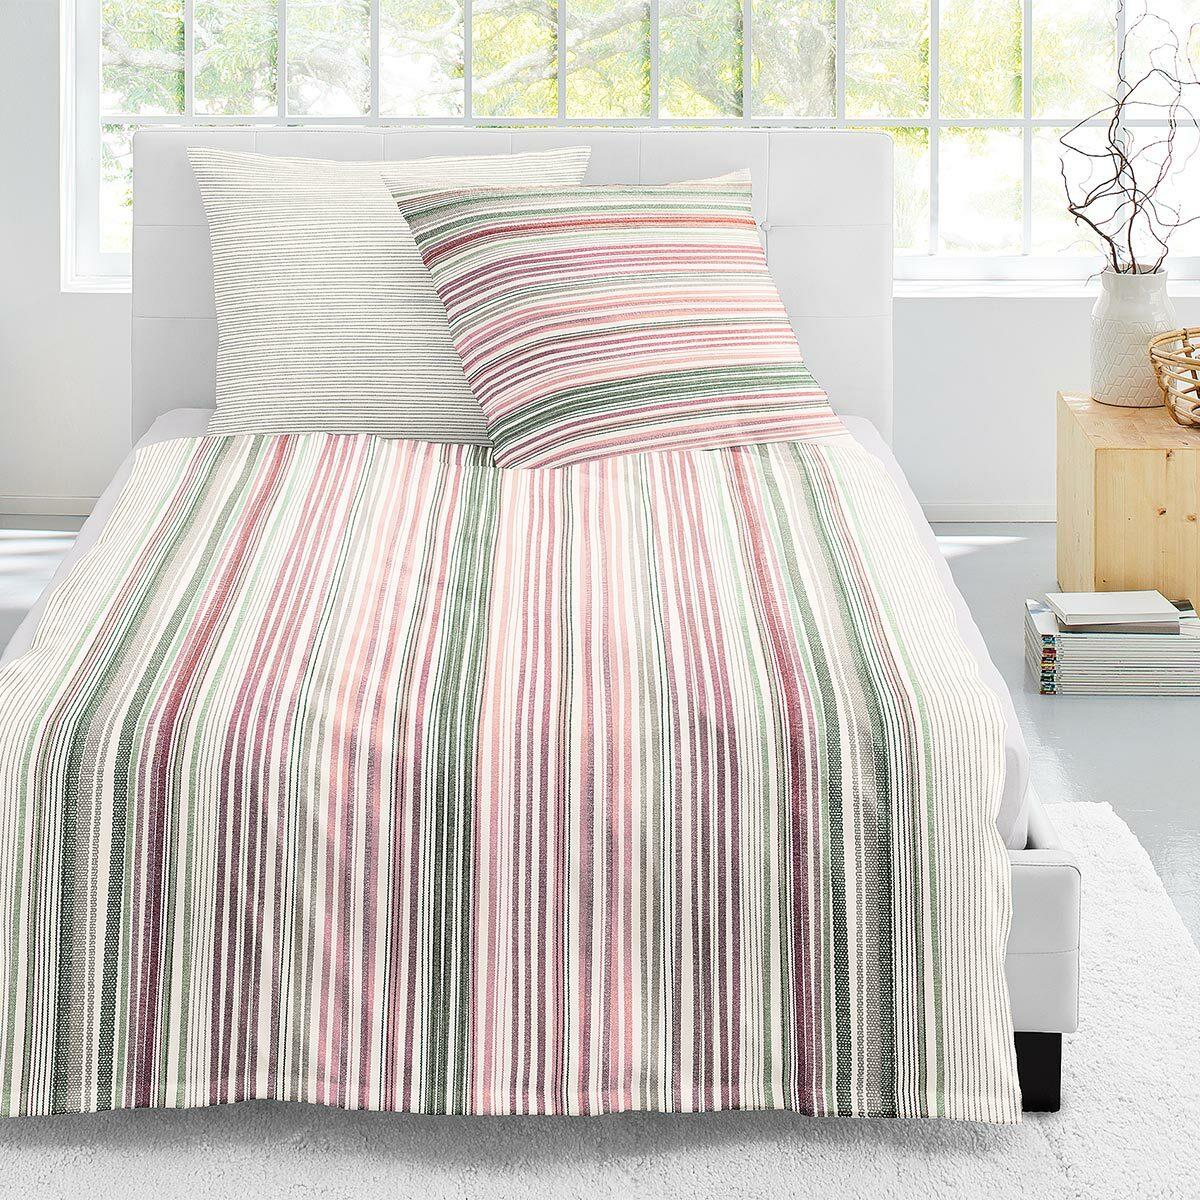 Irisette Biber Bettwäsche Davos Stripes